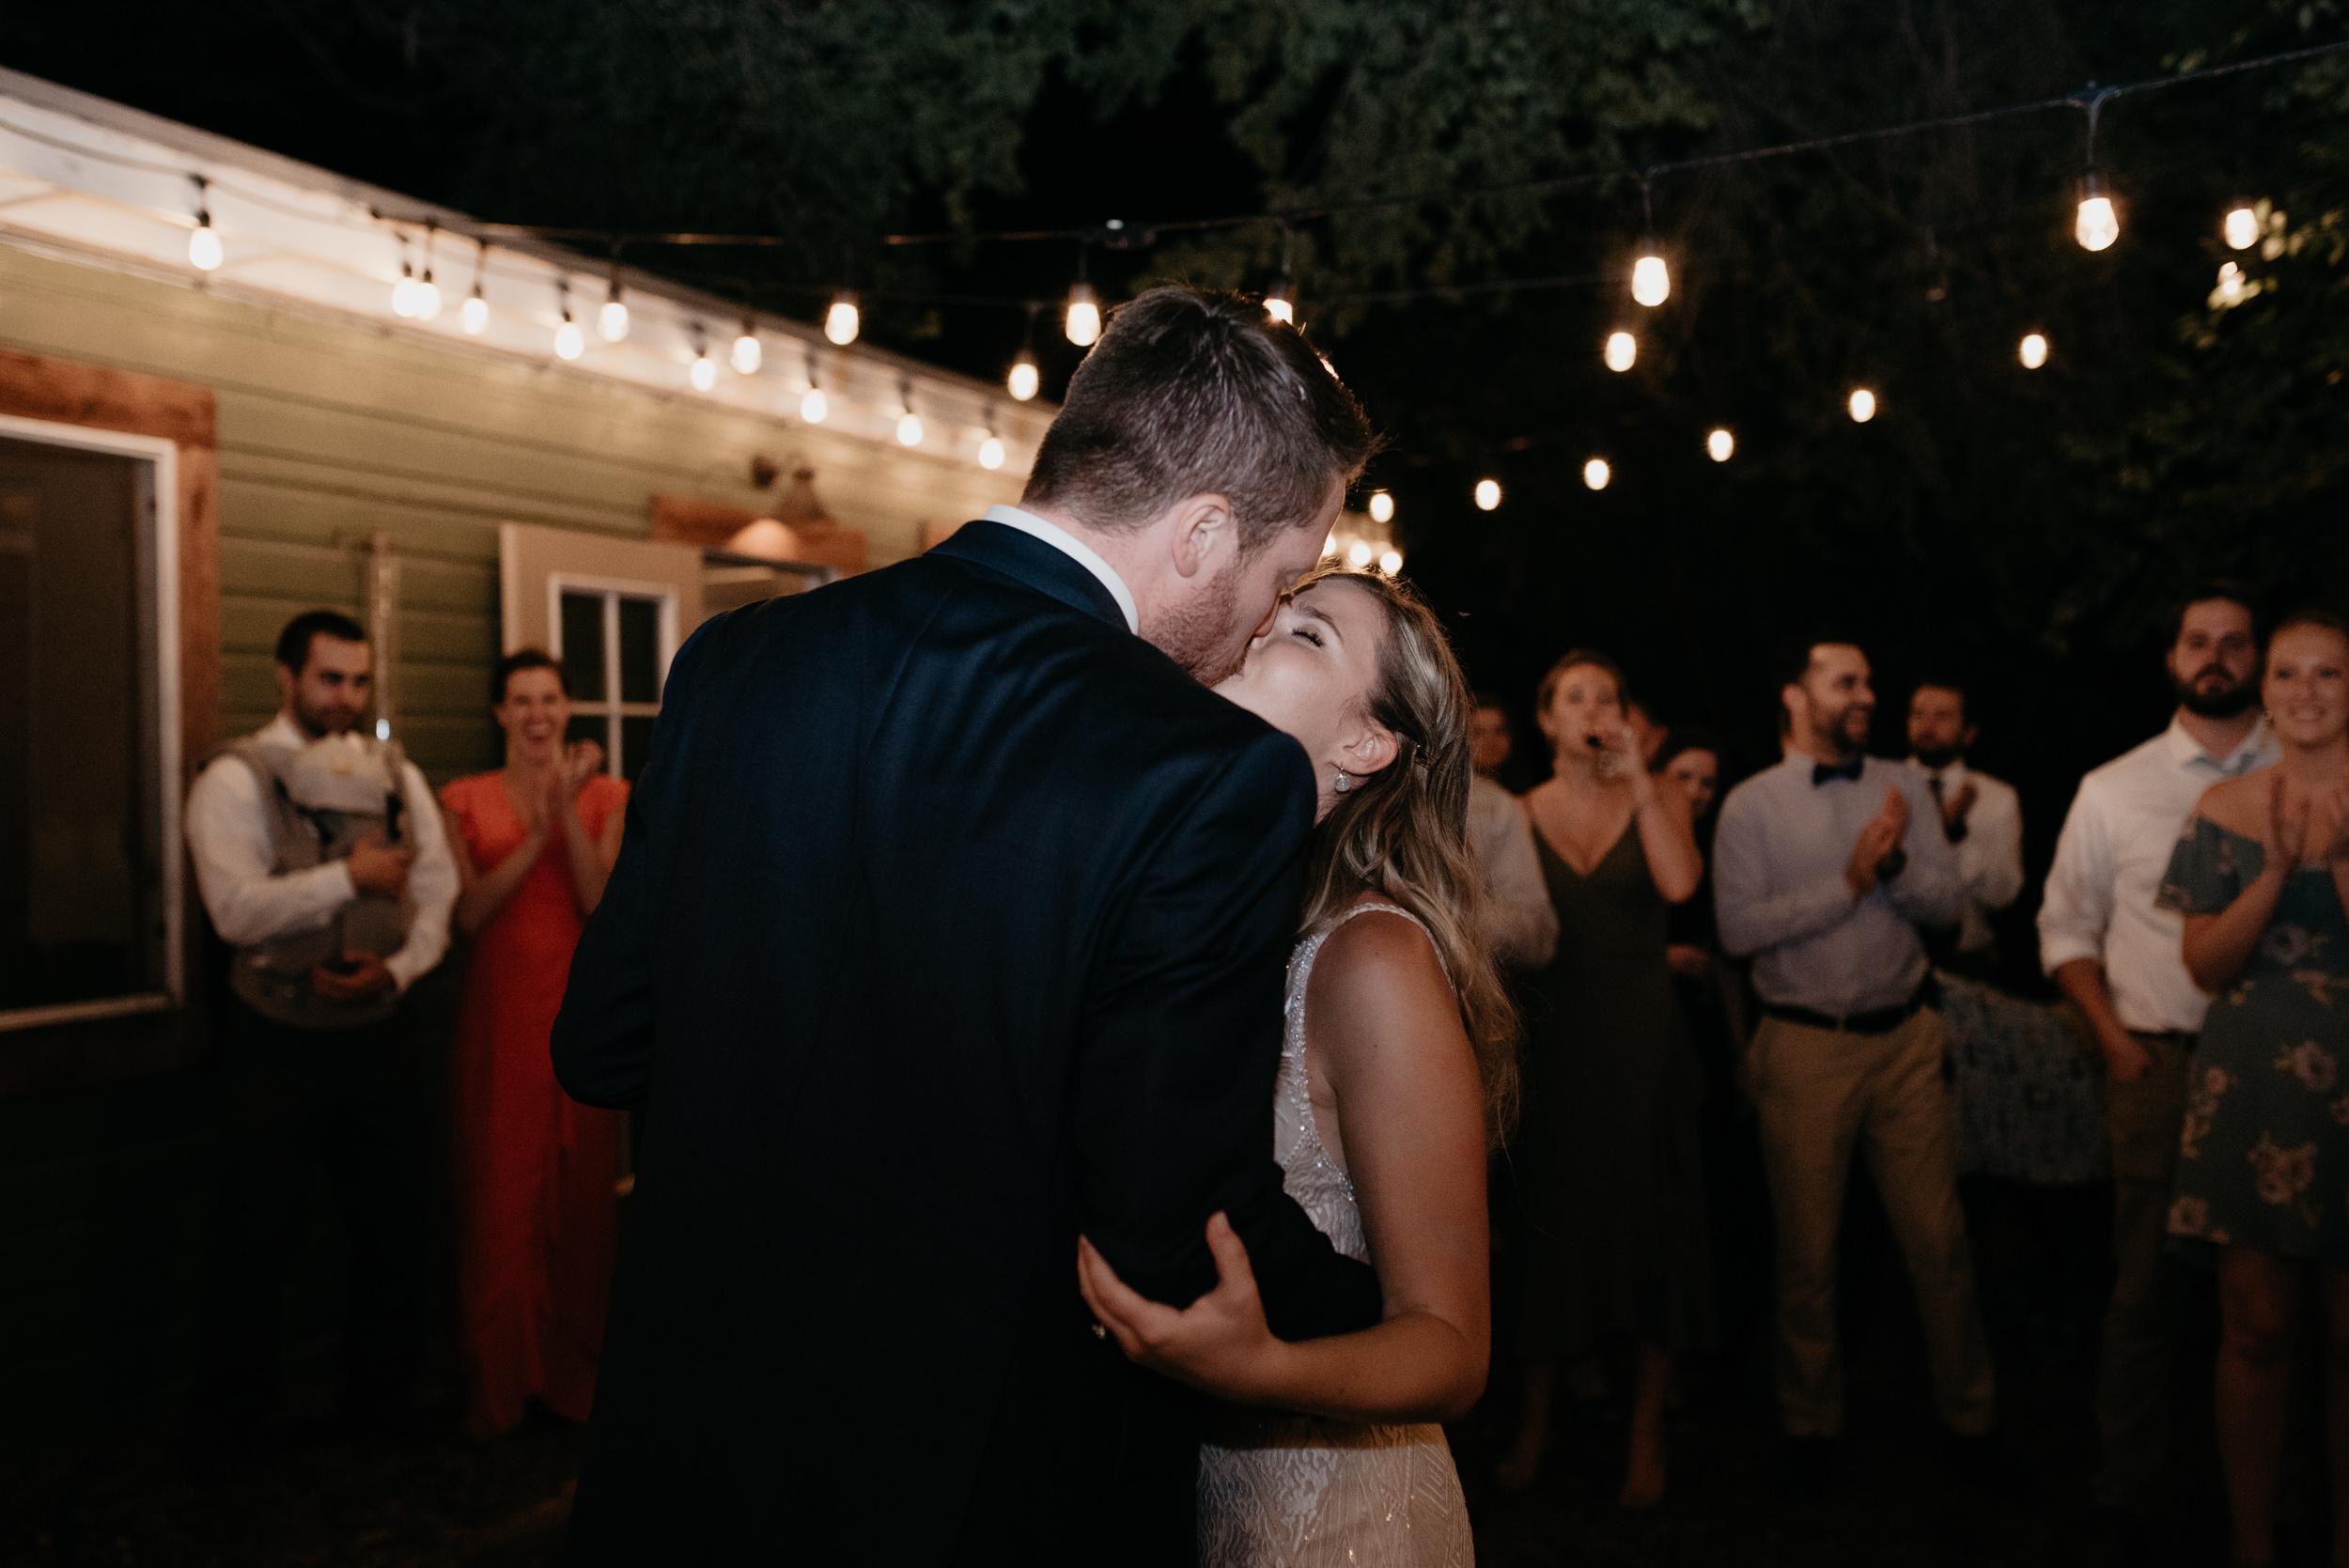 Breckenridge, Colorado mountain wedding and elopement photographer for adventurous, boho couples.